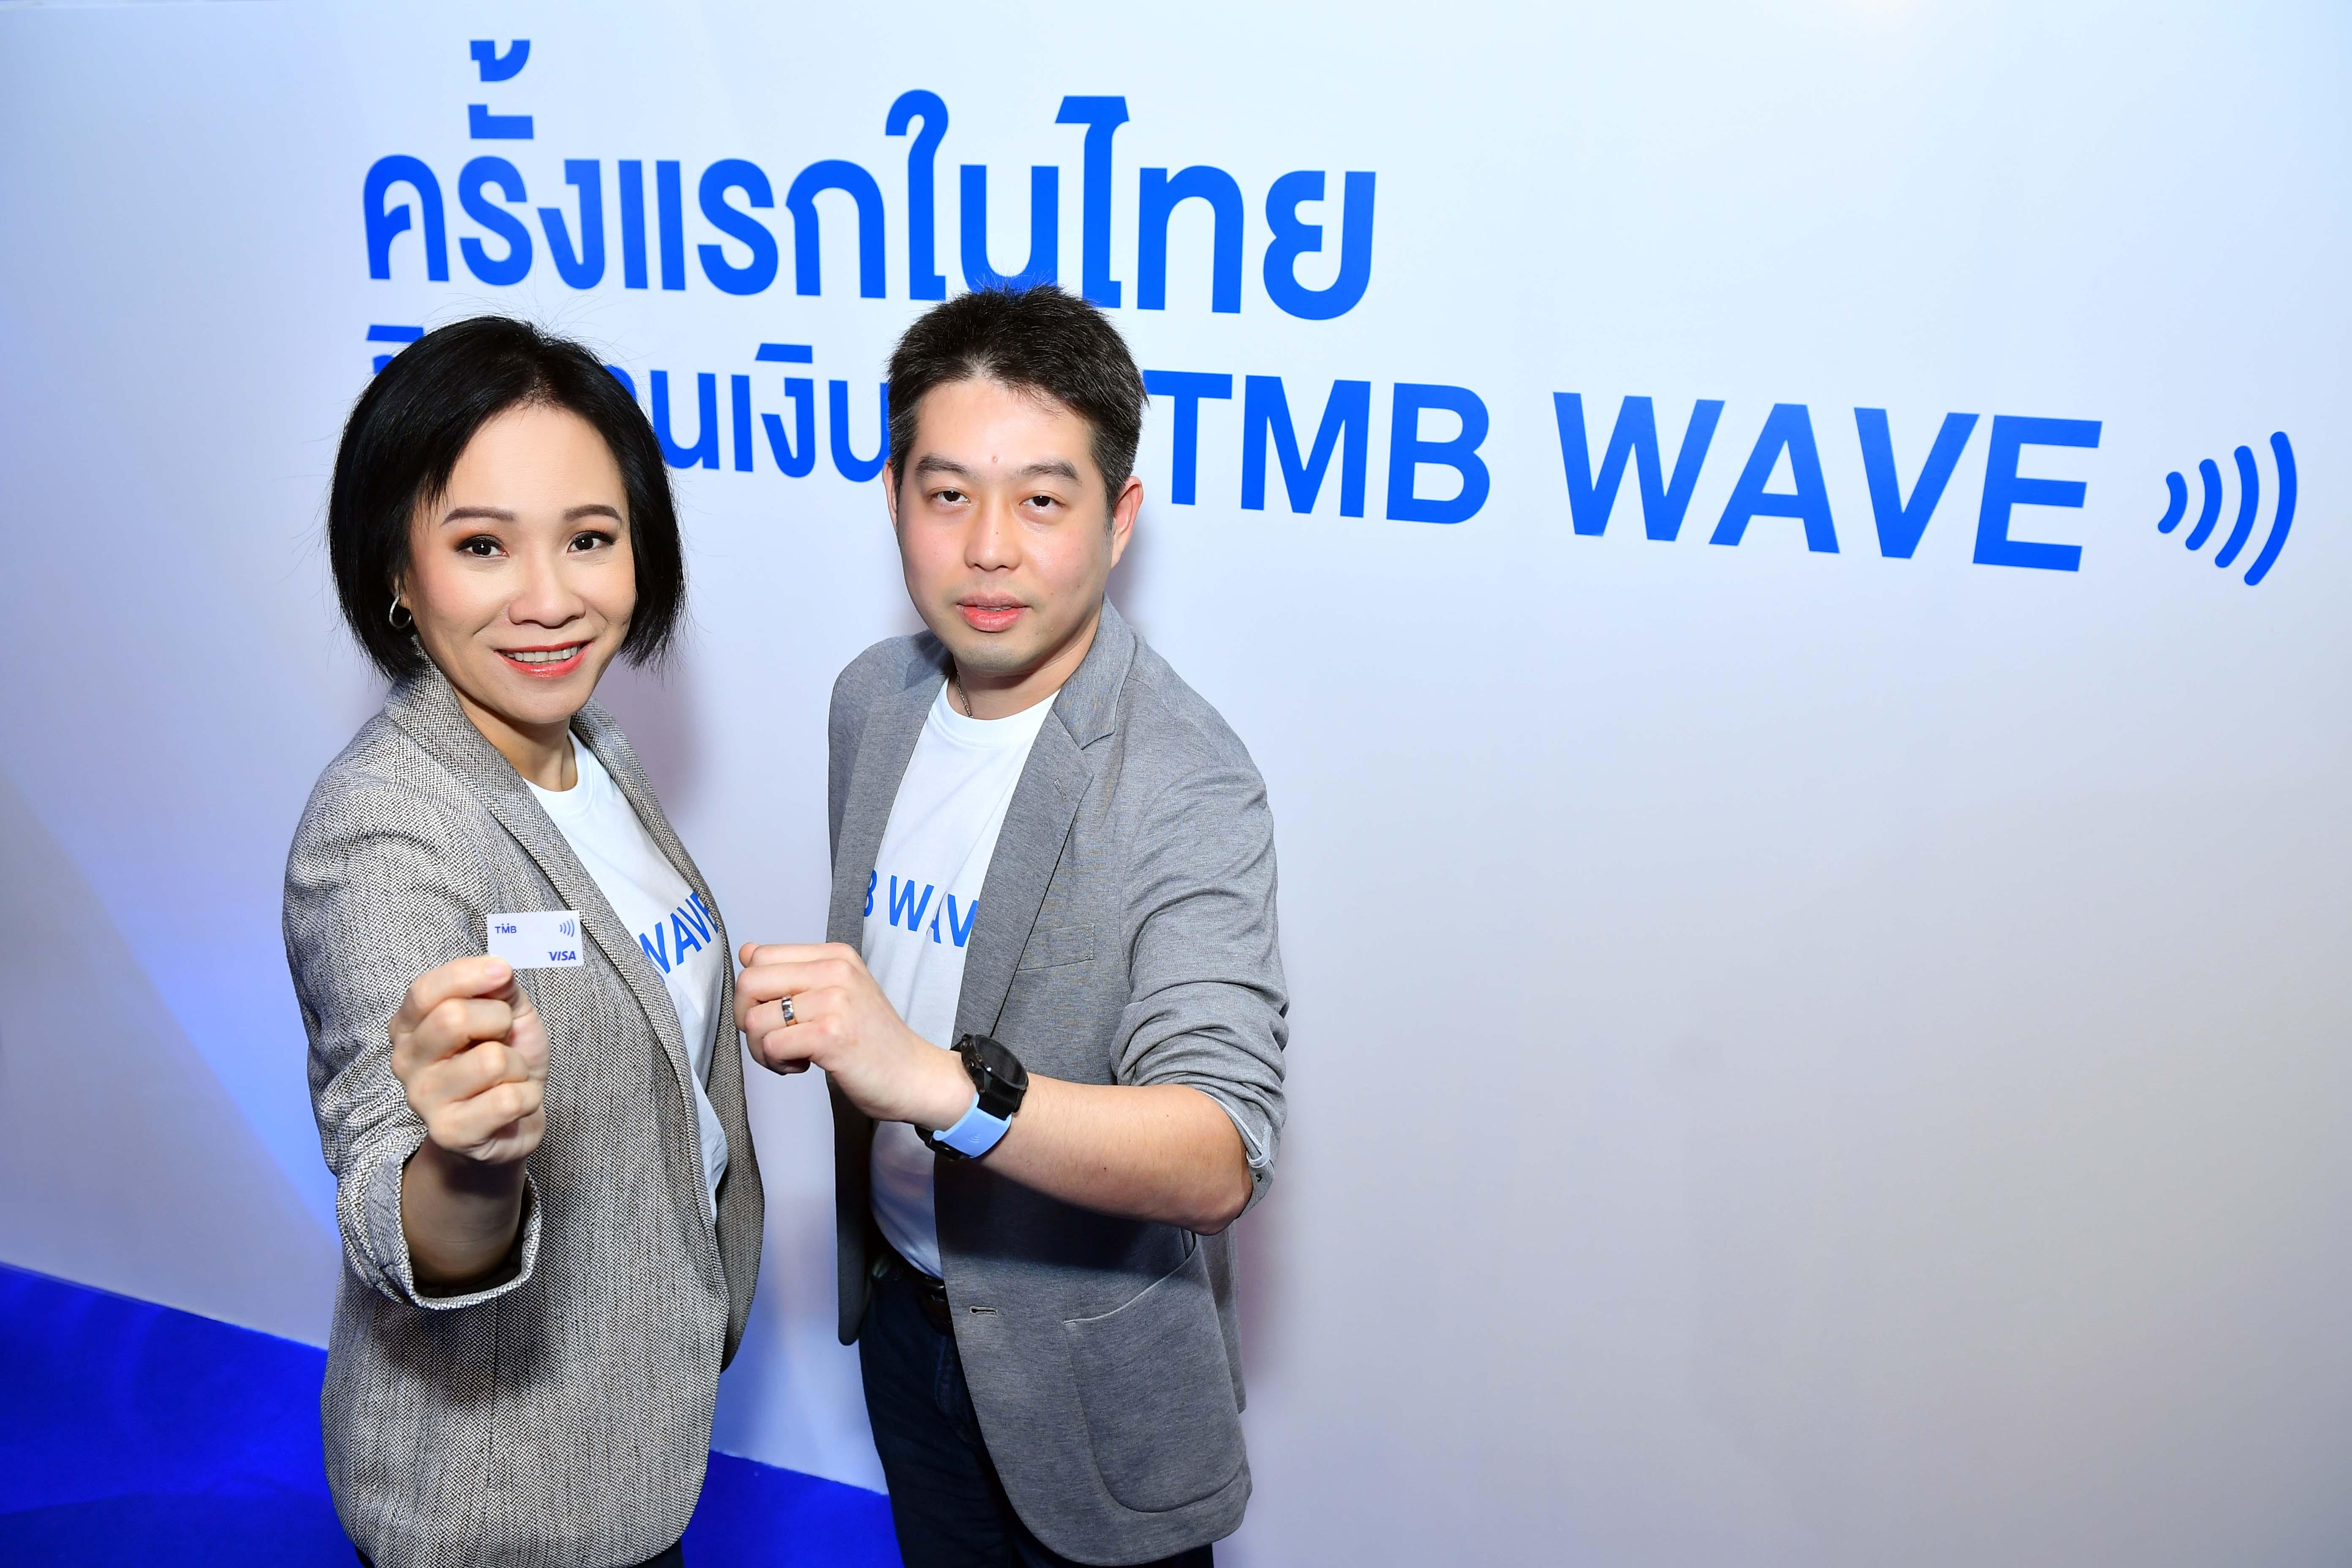 TMB WAVE นวัตกรรมใหม่ของการชำระเงิน